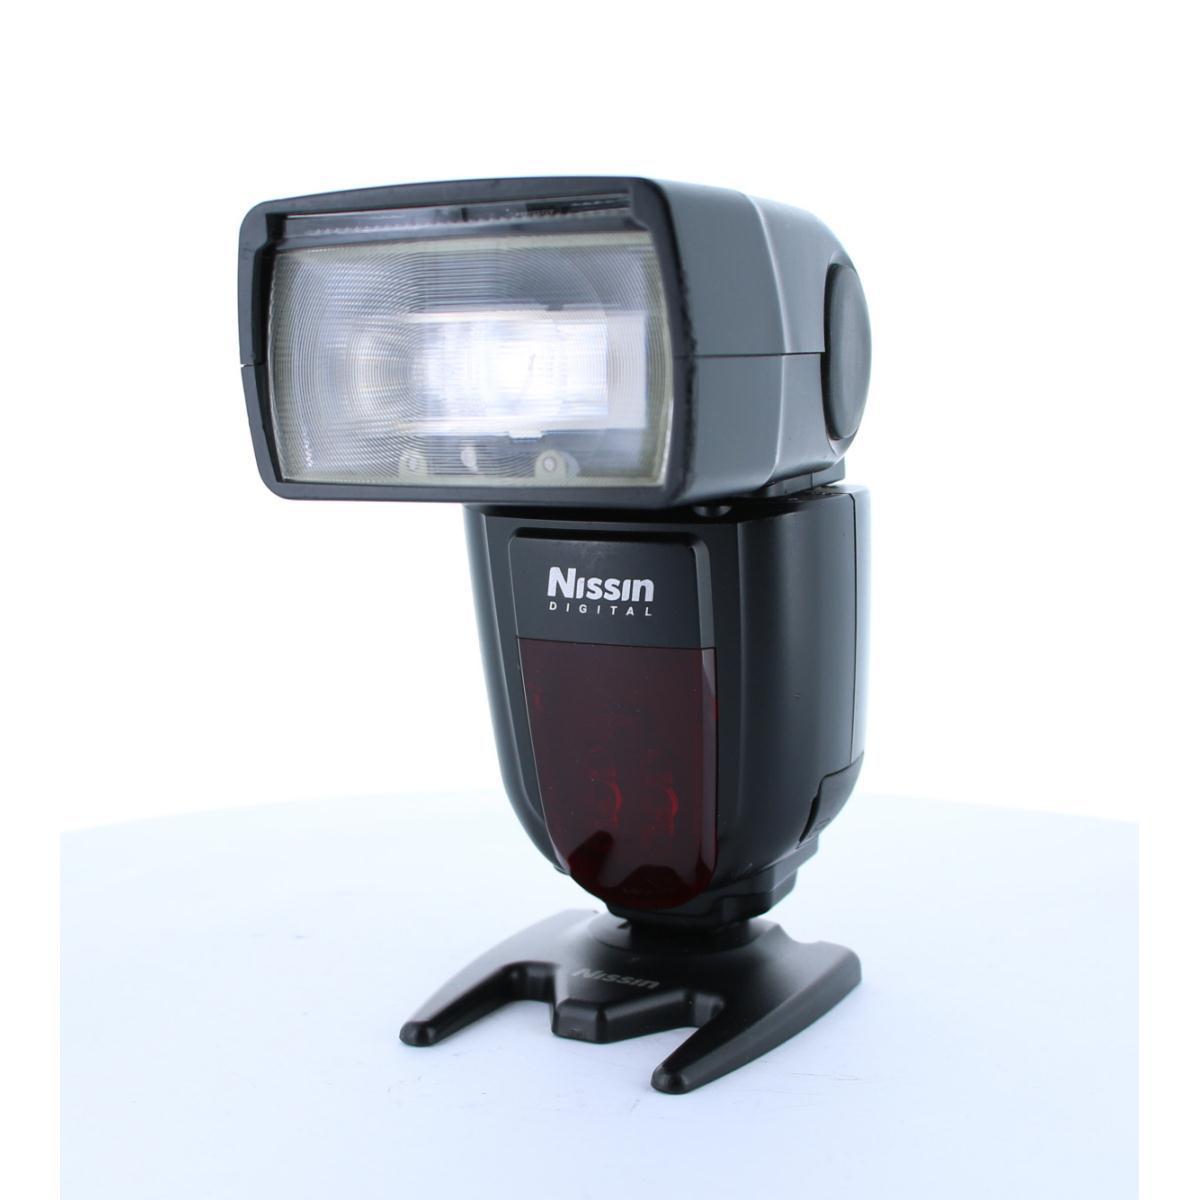 【在庫有】 NISSIN DI700A ソニー用【中古】, ミヨシマチ:e72c43c2 --- totem-info.com